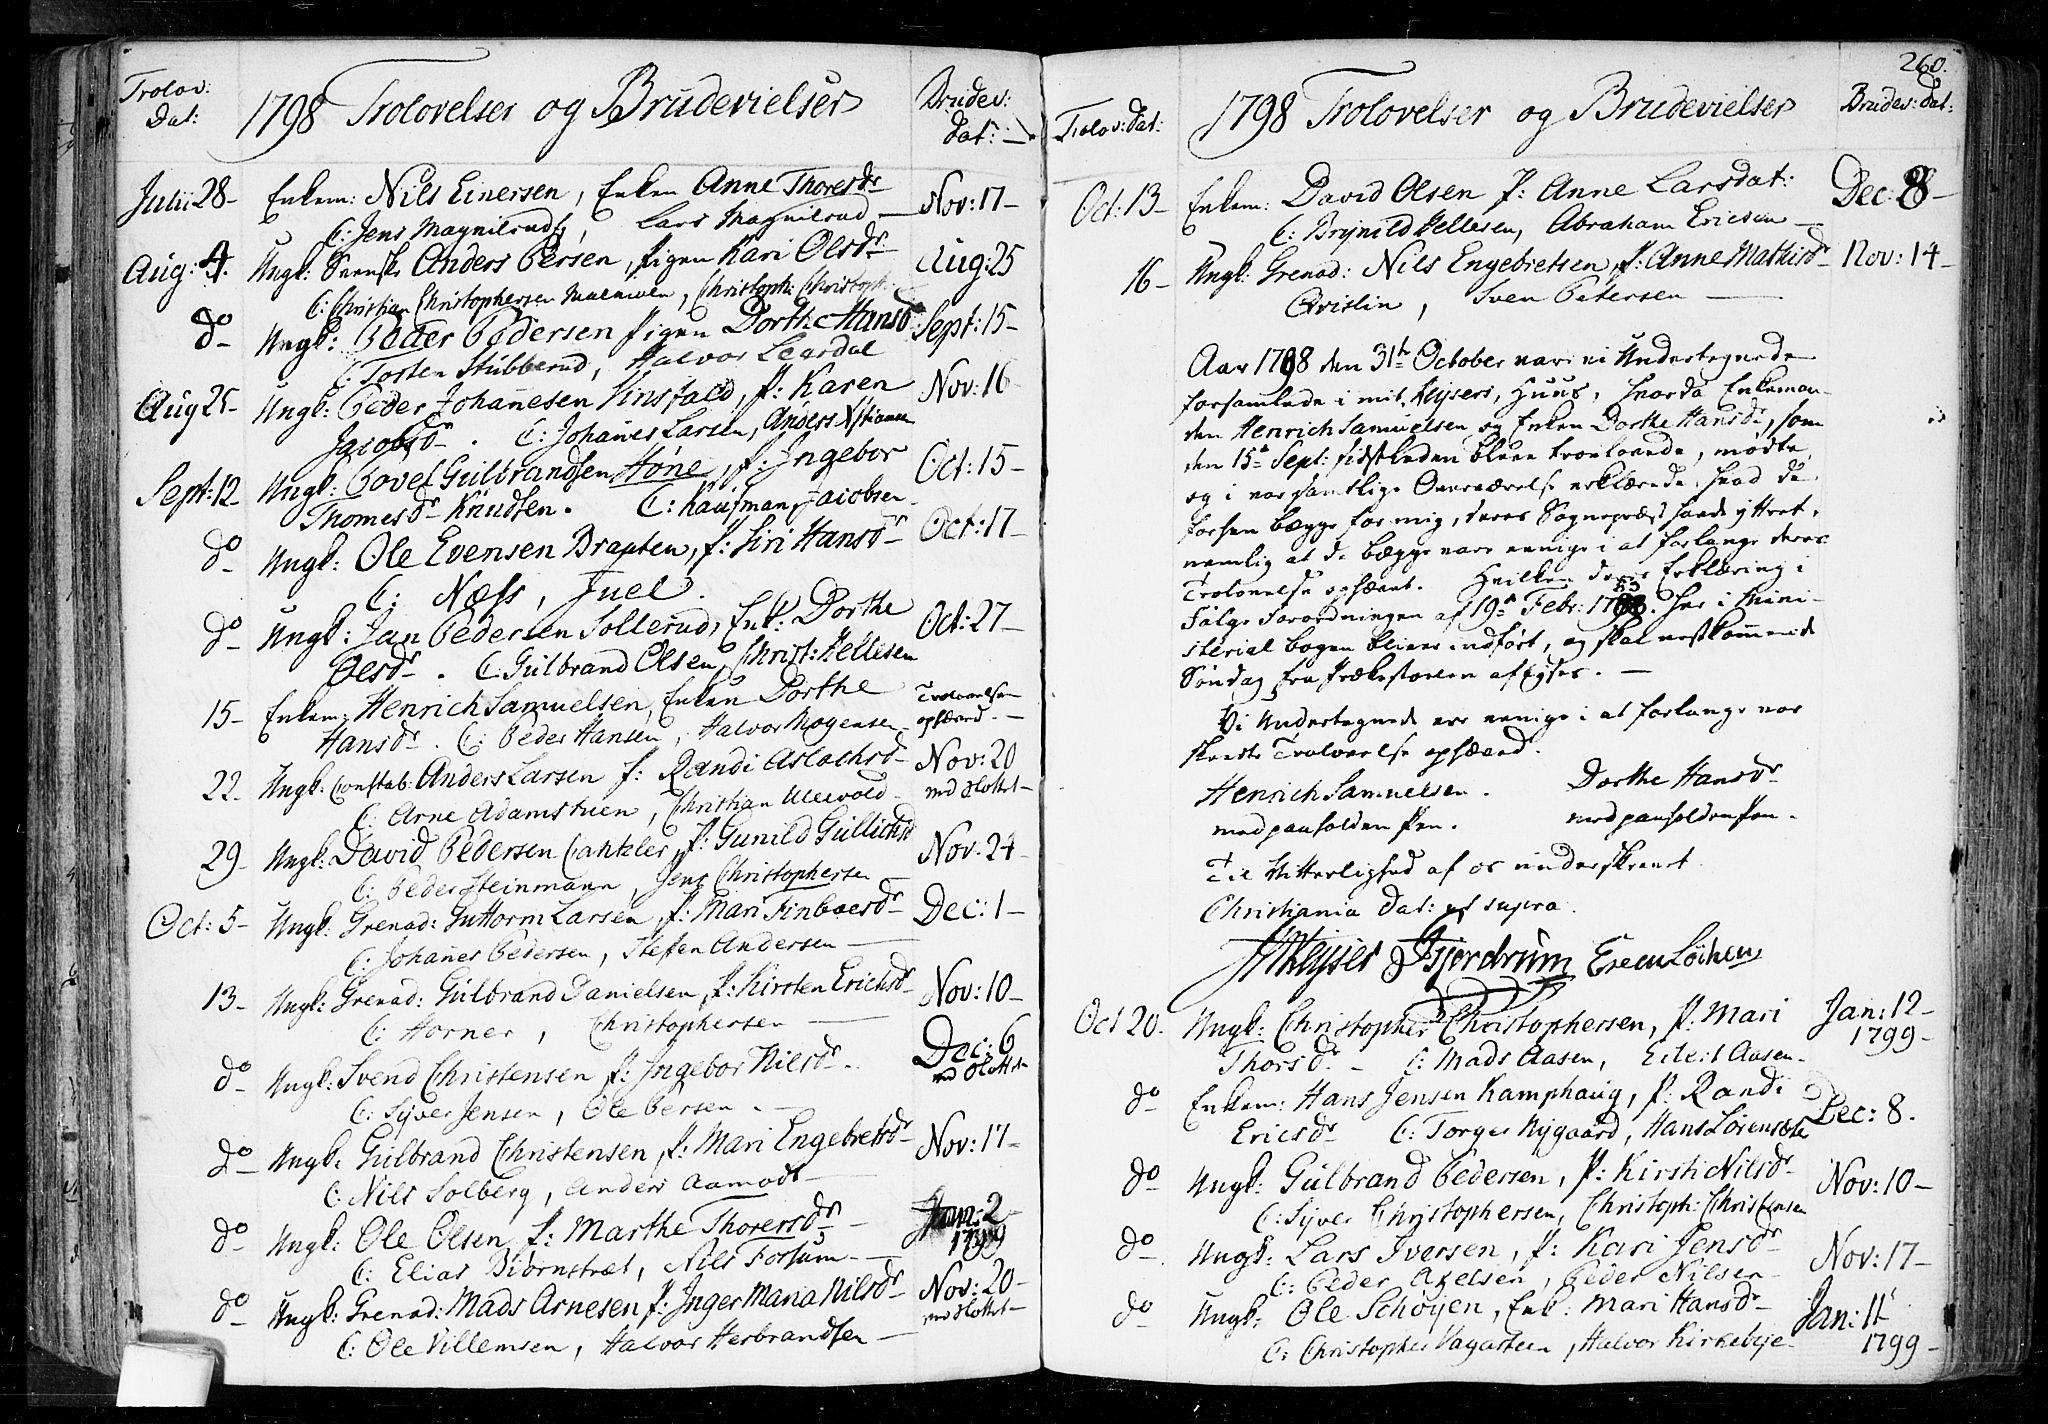 SAO, Aker prestekontor kirkebøker, F/L0010: Ministerialbok nr. 10, 1786-1809, s. 260